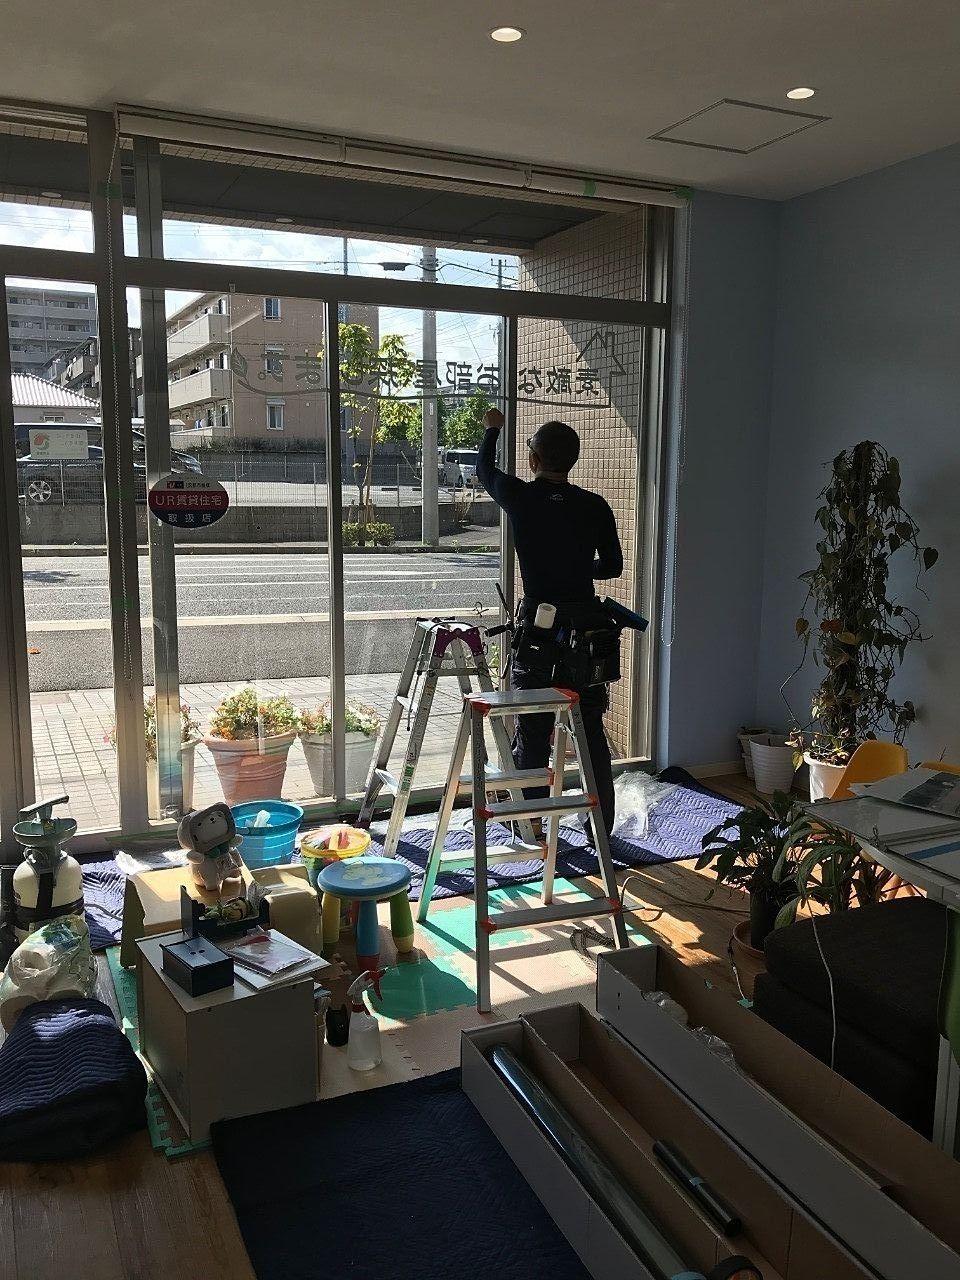 野田市の窓ガラスフィルム施工業者WORKSZEROさんのご紹介です。シートを貼る前に窓掃除をして下さいます。